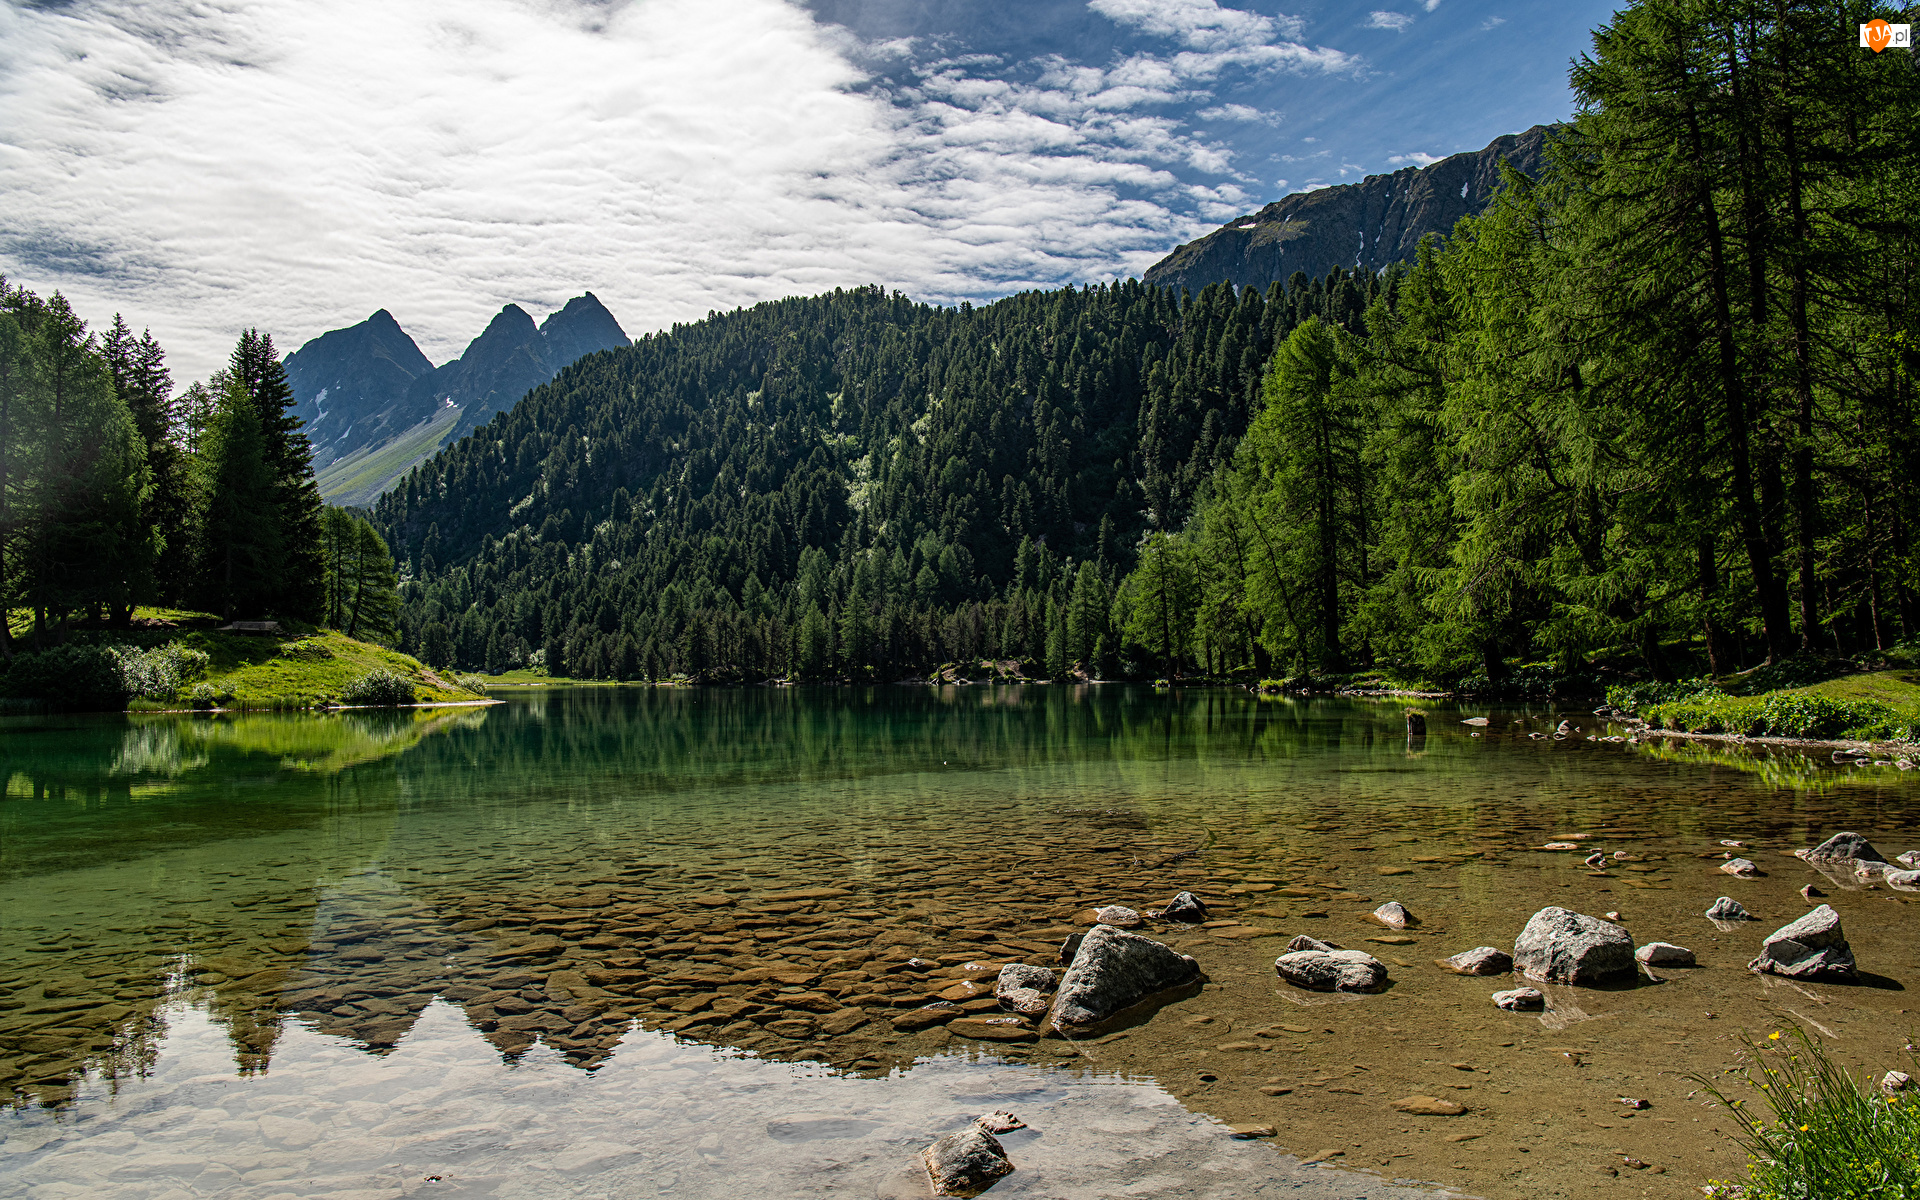 Lai da Palpuogna, Góry, Szwajcaria, Jezioro, Gryzonia, Drzewa, Alpy Retyckie